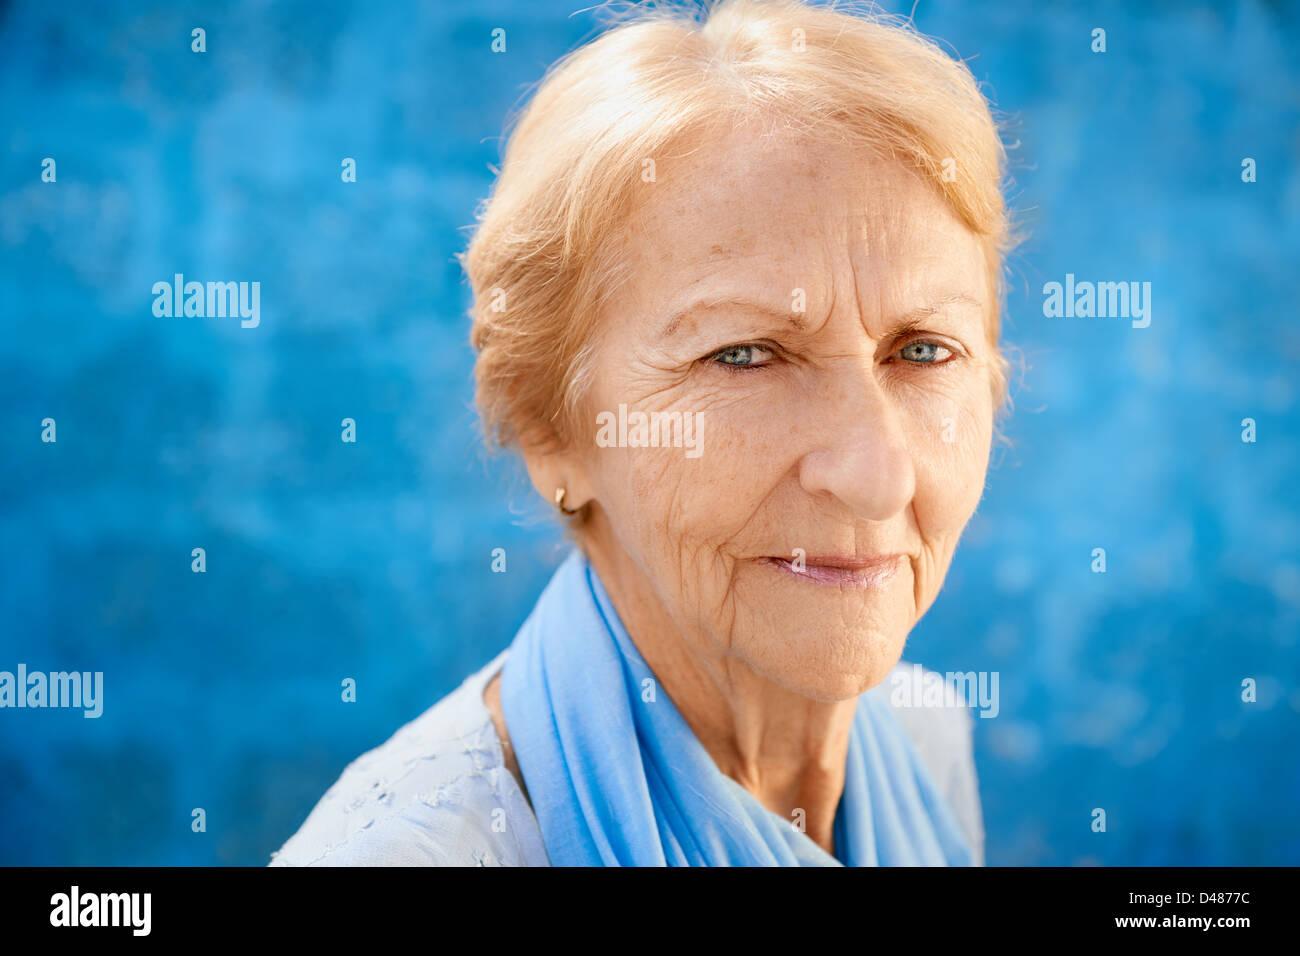 Personale Senior ritratto, felice vecchia donna bionda in blu vestiti sorridente e guardando la telecamera contro Immagini Stock